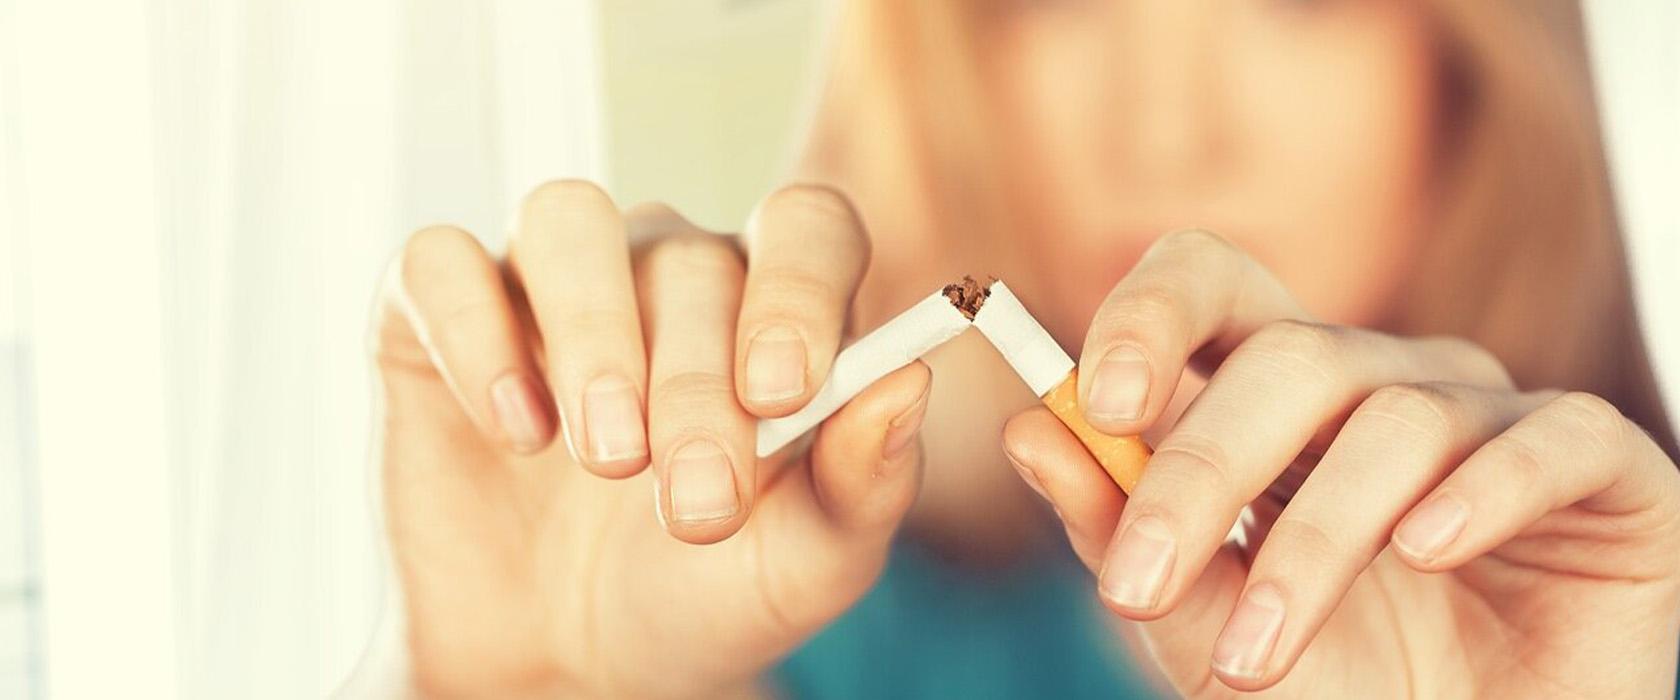 Курение воздействие на человека